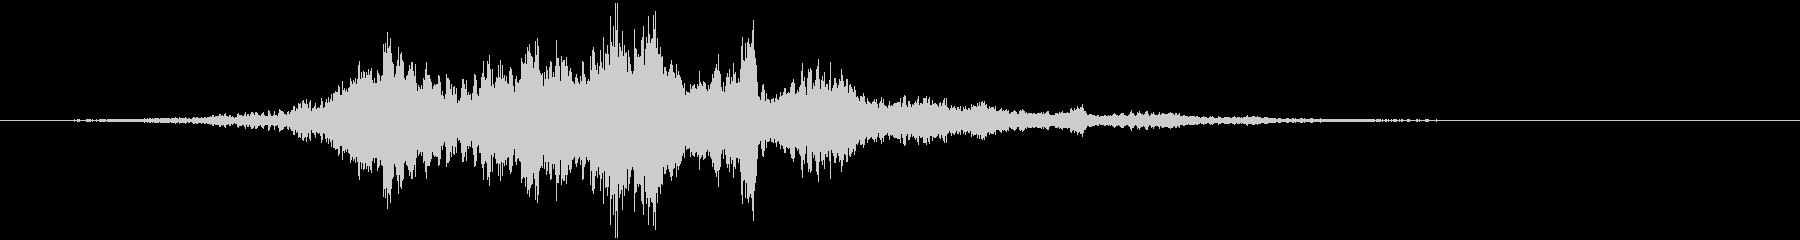 【ダーク】チリリリーンッッッ!!の未再生の波形